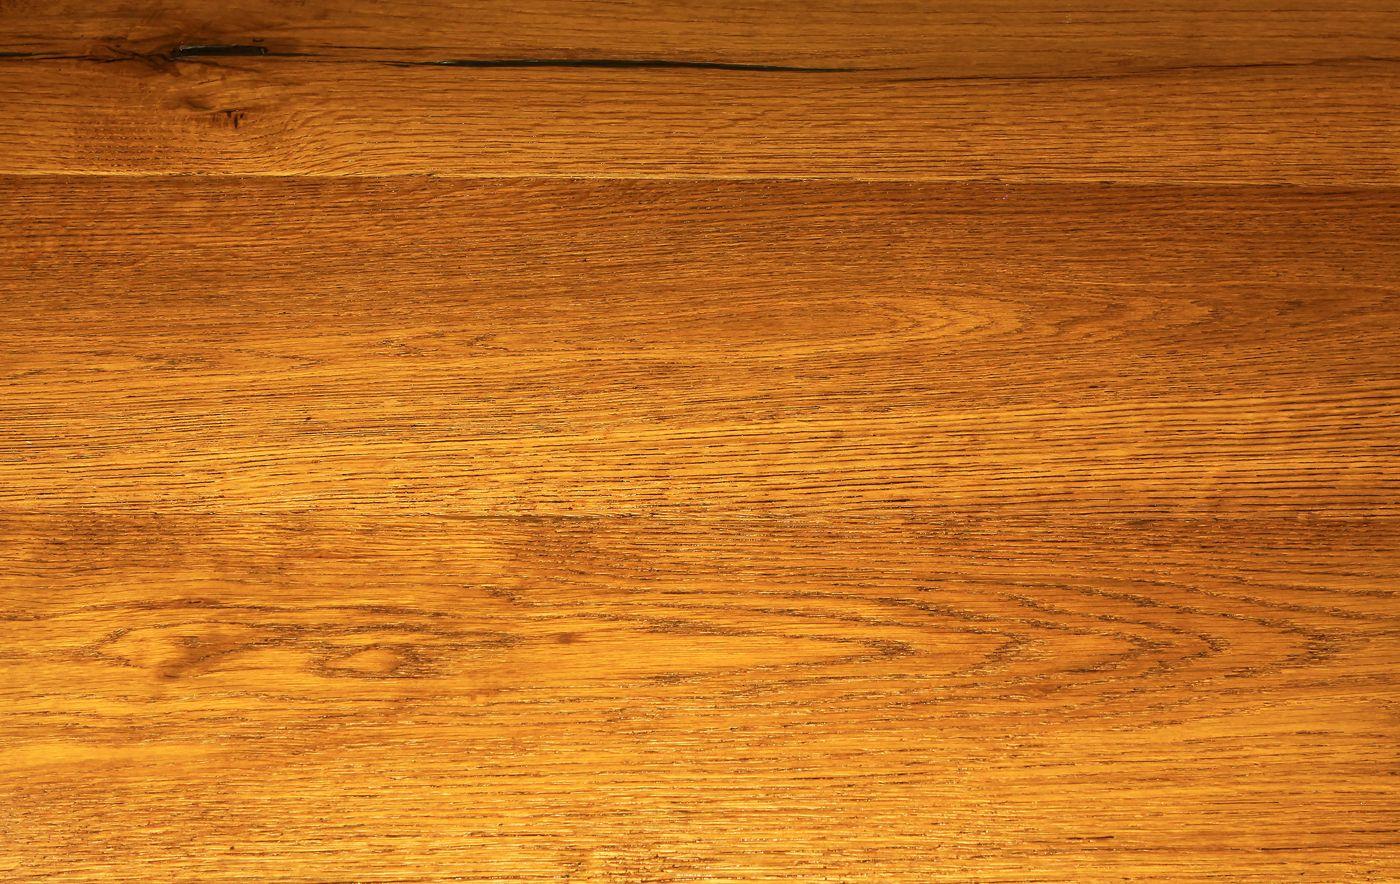 190mm Vintage Distressed Oak Hardwood Engineered Wood Flooring